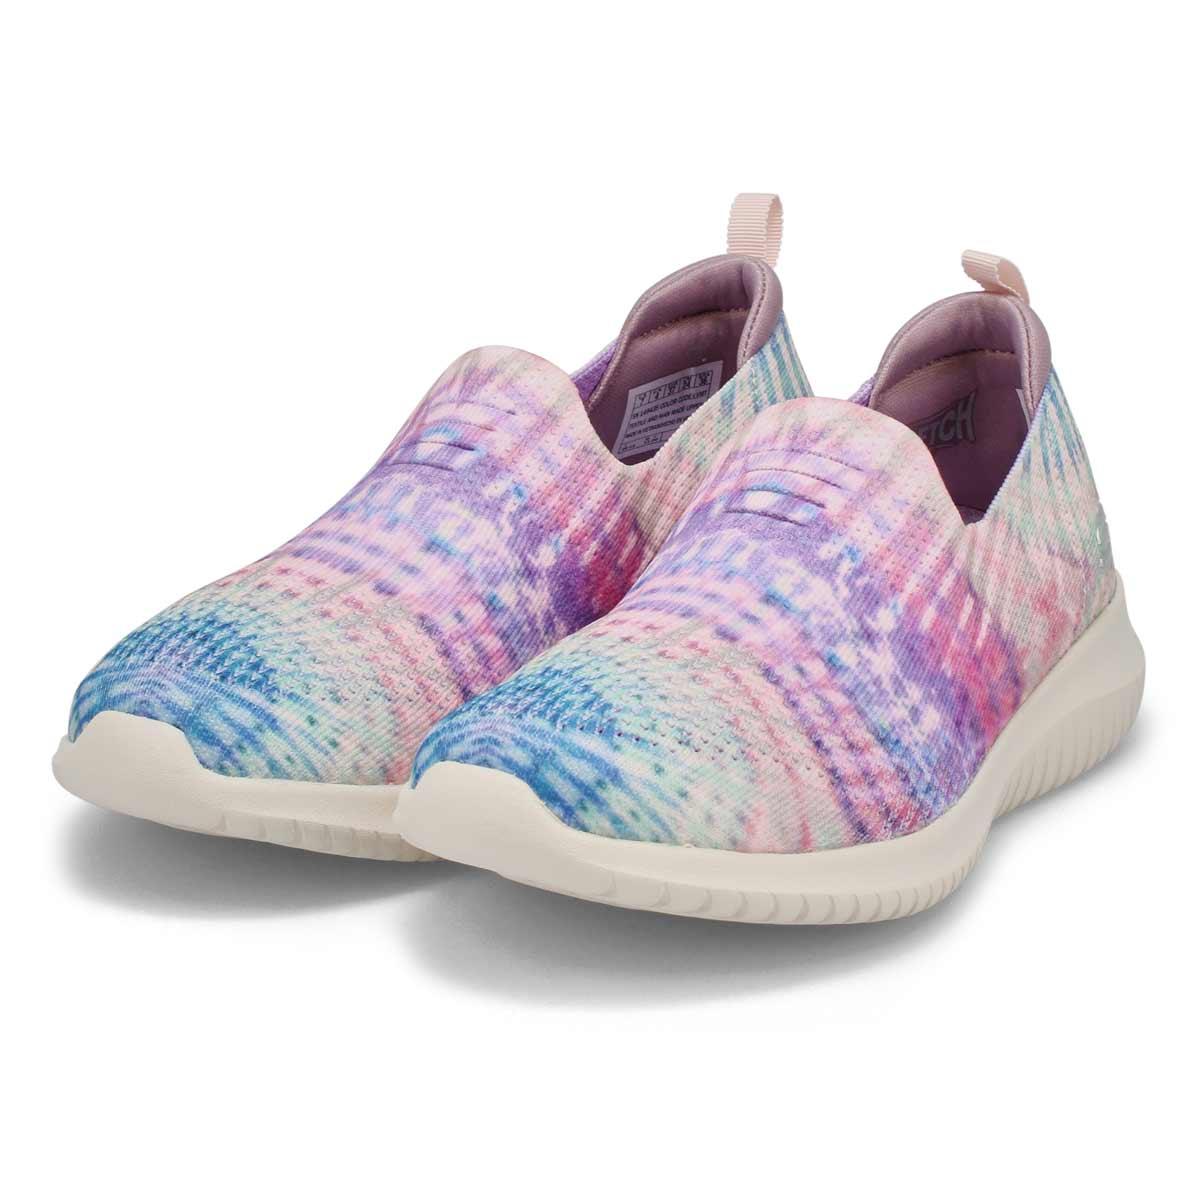 Women's Ultra Flex Sneaker - Lavender/Multi